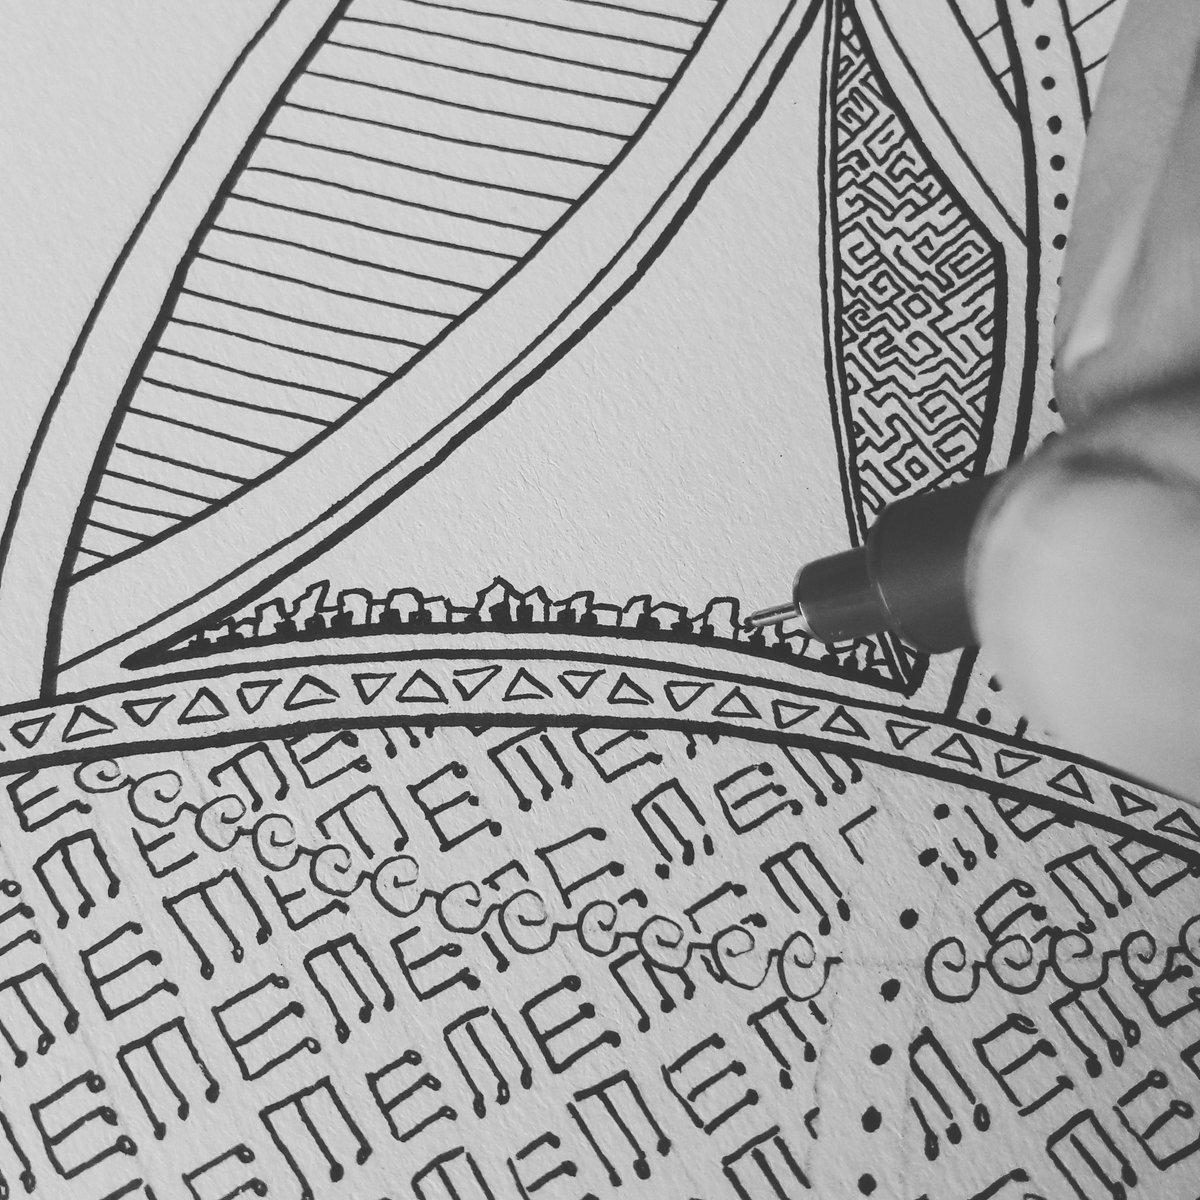 Avoir le sens du détail ! Un mandala, c'est entre 4 et 8 heures de travail... Mais le résultat vaut le coup d'oeil ^^ #mandala #mandalaart #calme #calm #dessiner #dessin #drawing #draw #music #musicislife #photo #photographie #photography #moon #effect #noiretblanc #blackandwhite